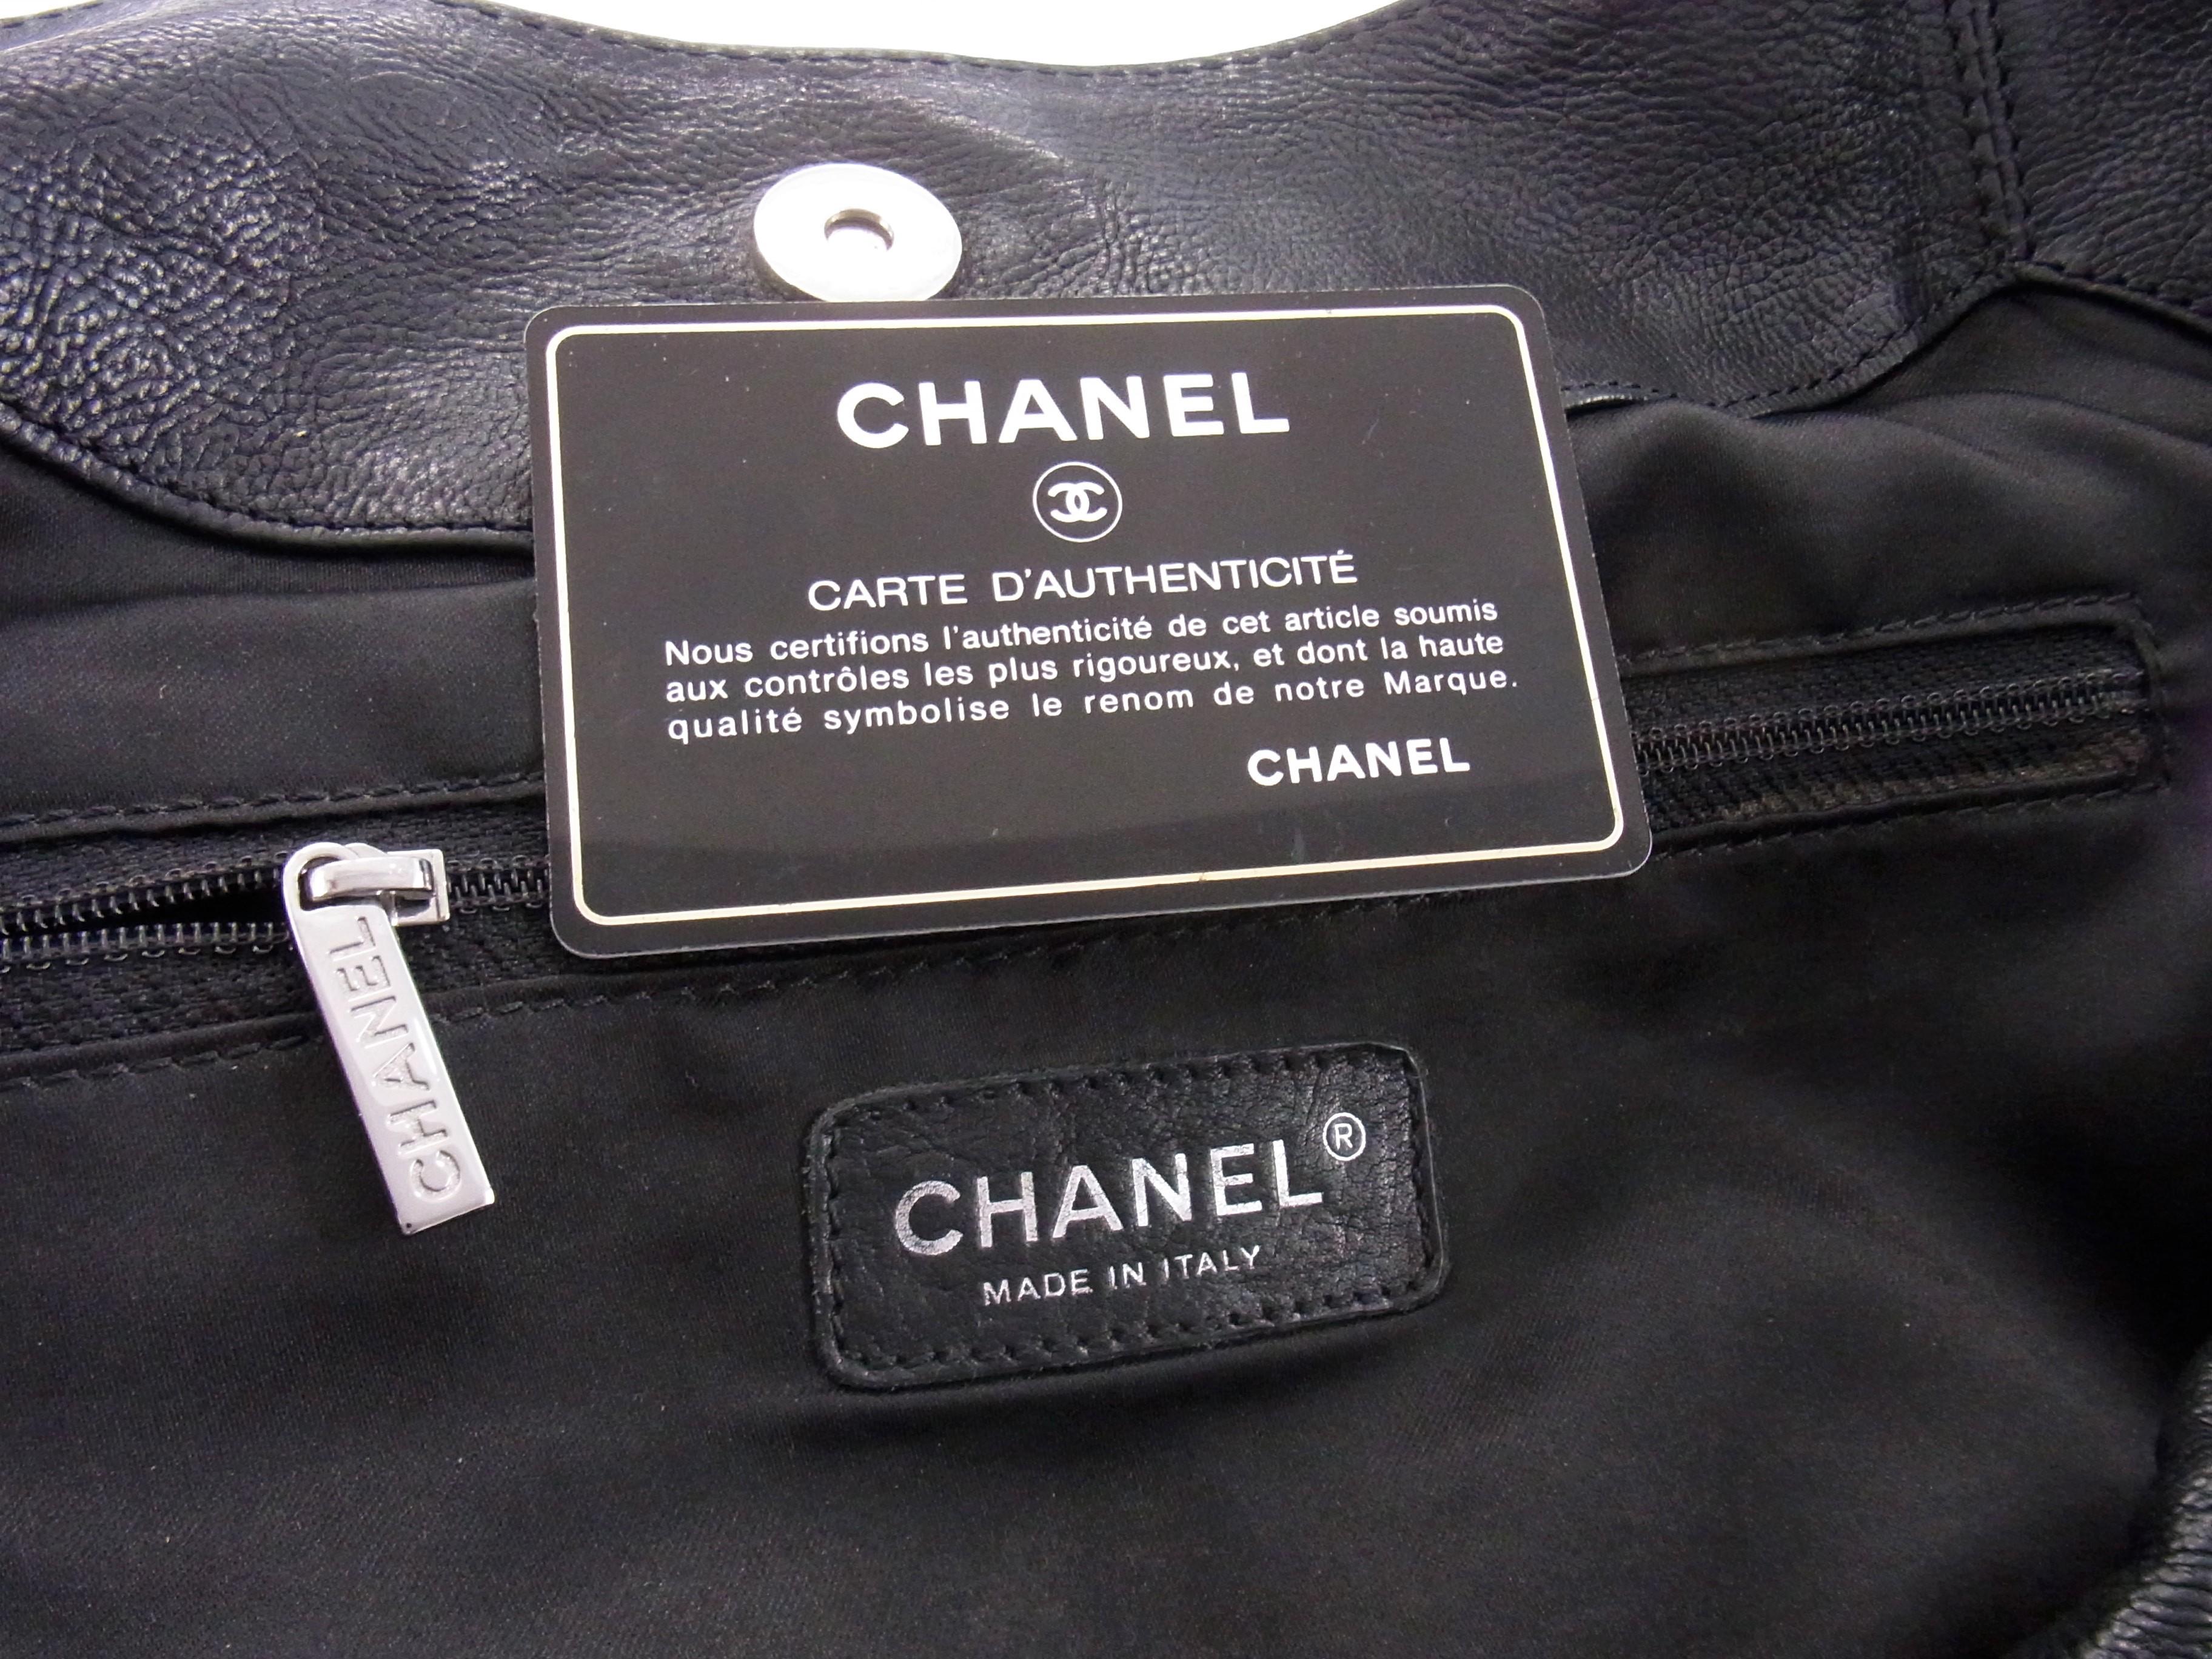 chanel tasche schwarz original chanel tasche handtasche schwarz ebay chanel tasche schwarz. Black Bedroom Furniture Sets. Home Design Ideas